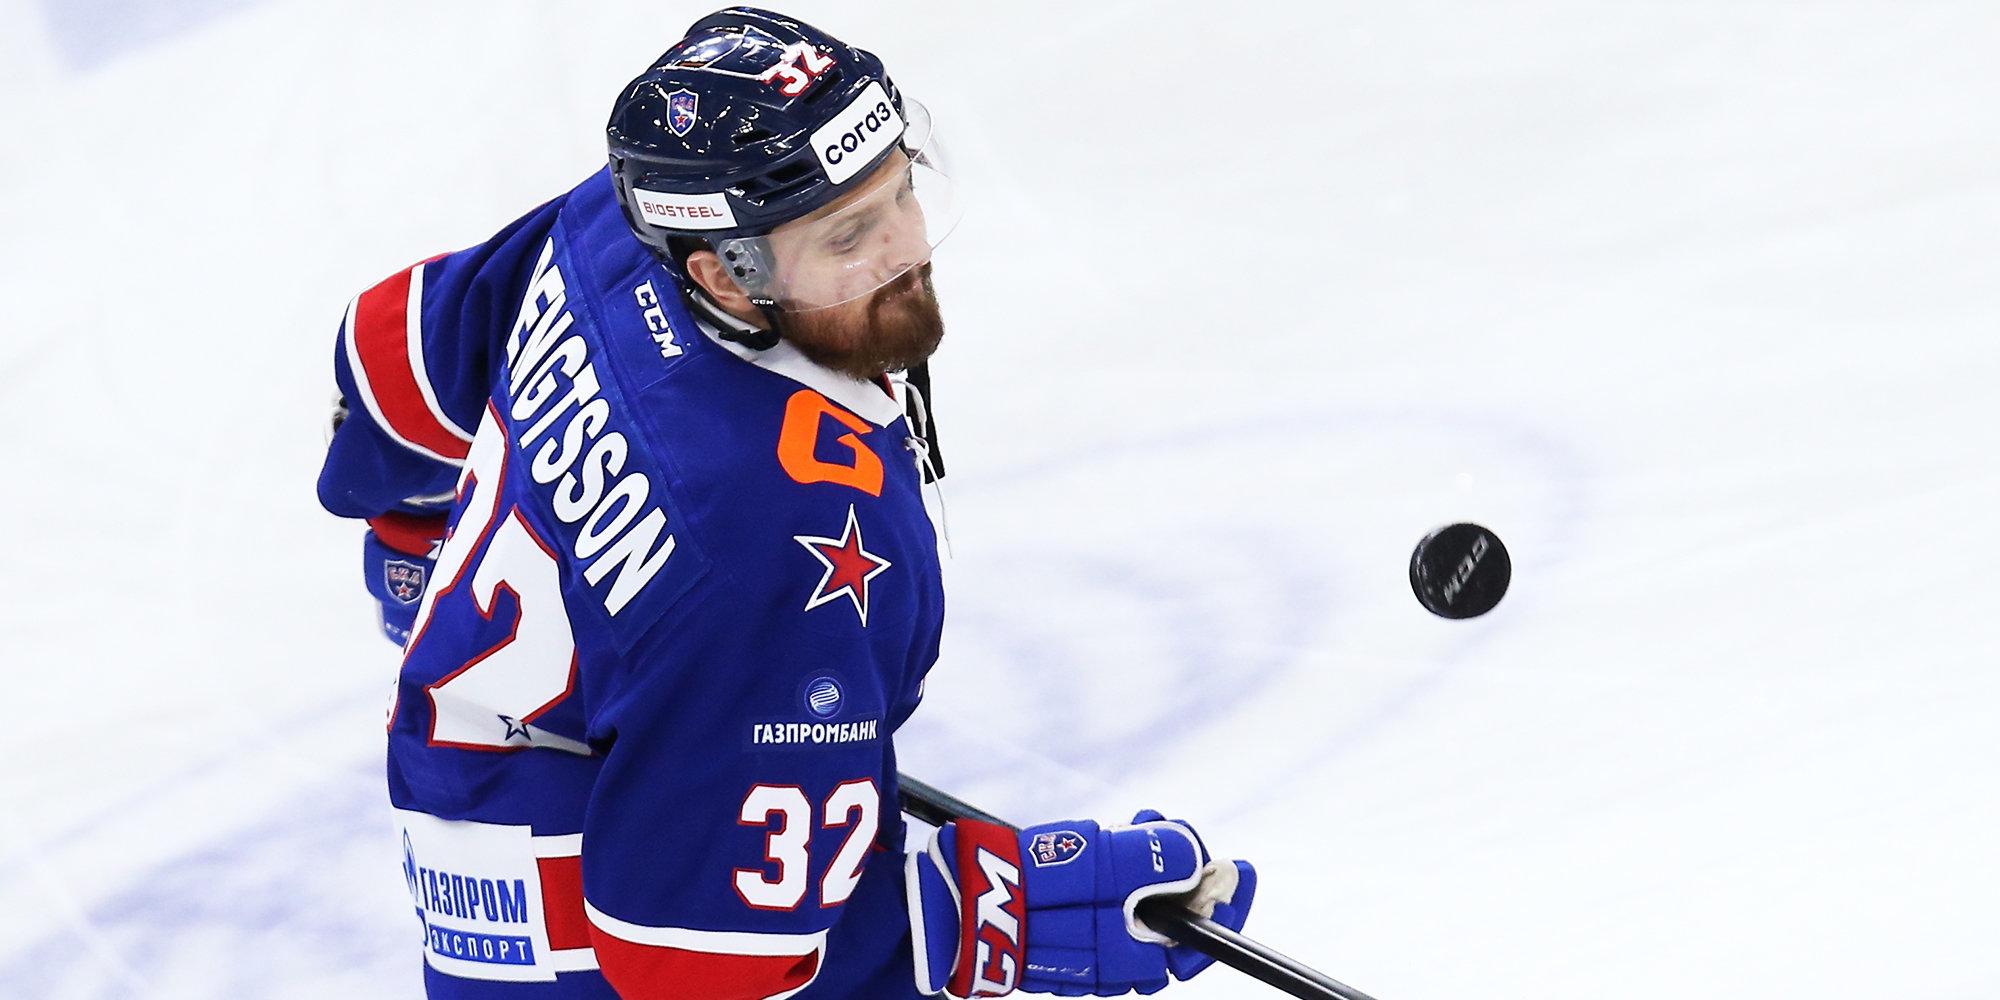 Бенгтссон прокомментировал переход из СКА в минское «Динамо»